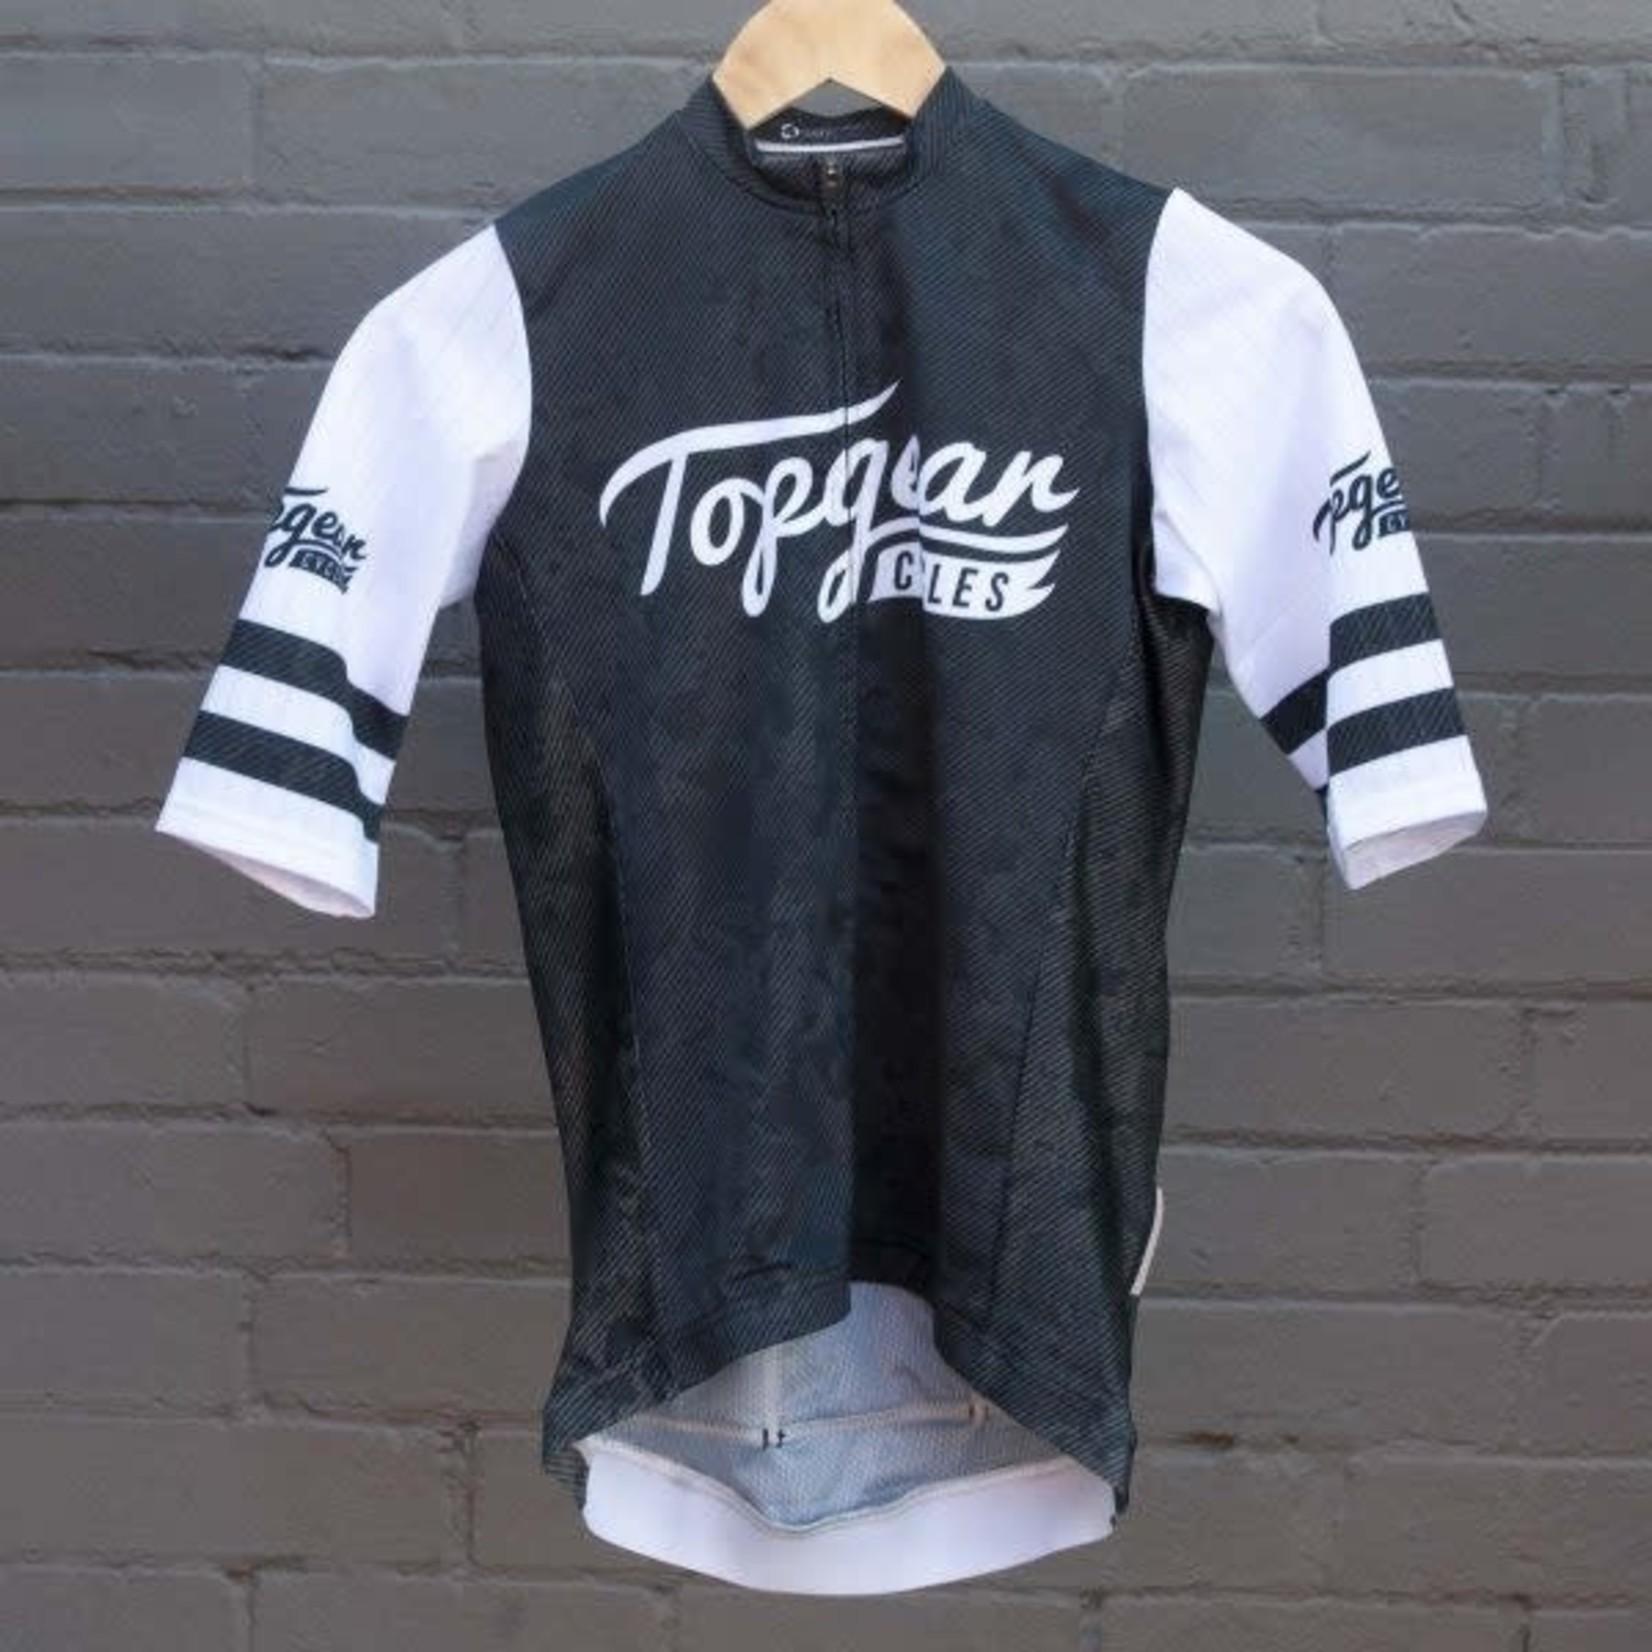 Cat 1 Topgear Cycles Team Women's Short Sleeve Jersey